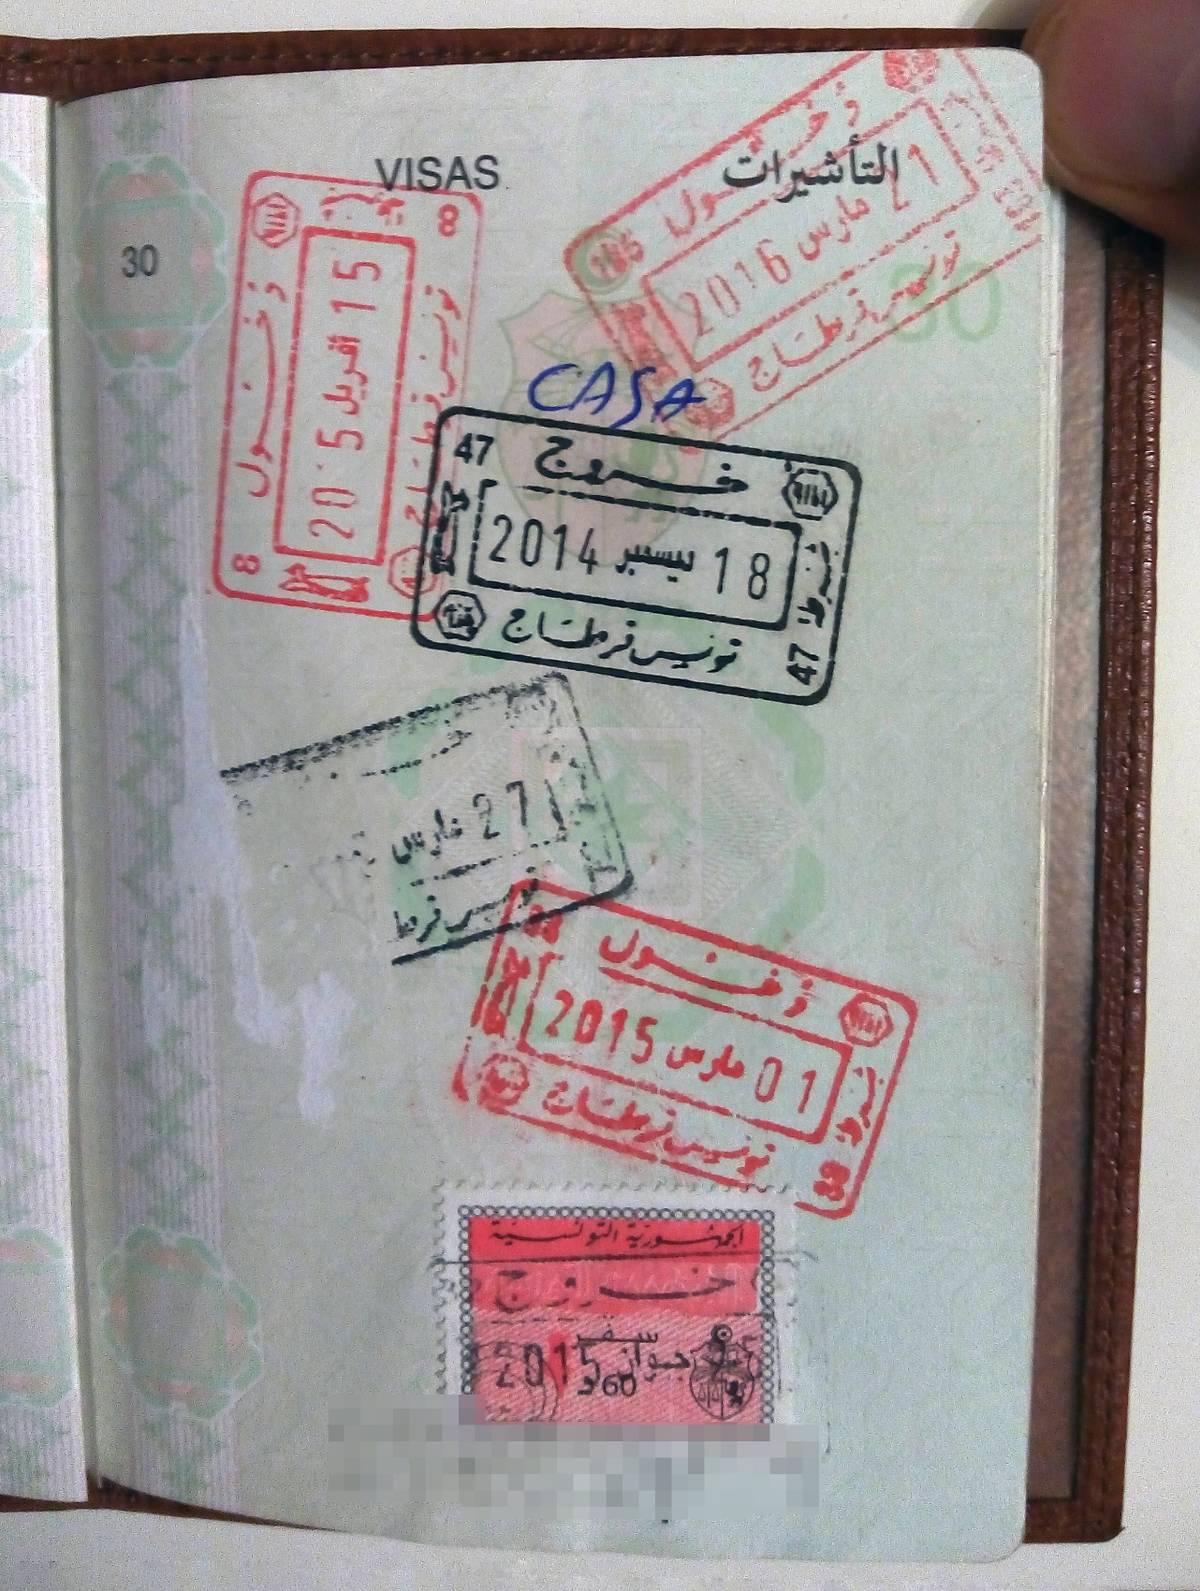 Одна из страниц из тунисского паспорта У. с отметками о пересечении границы